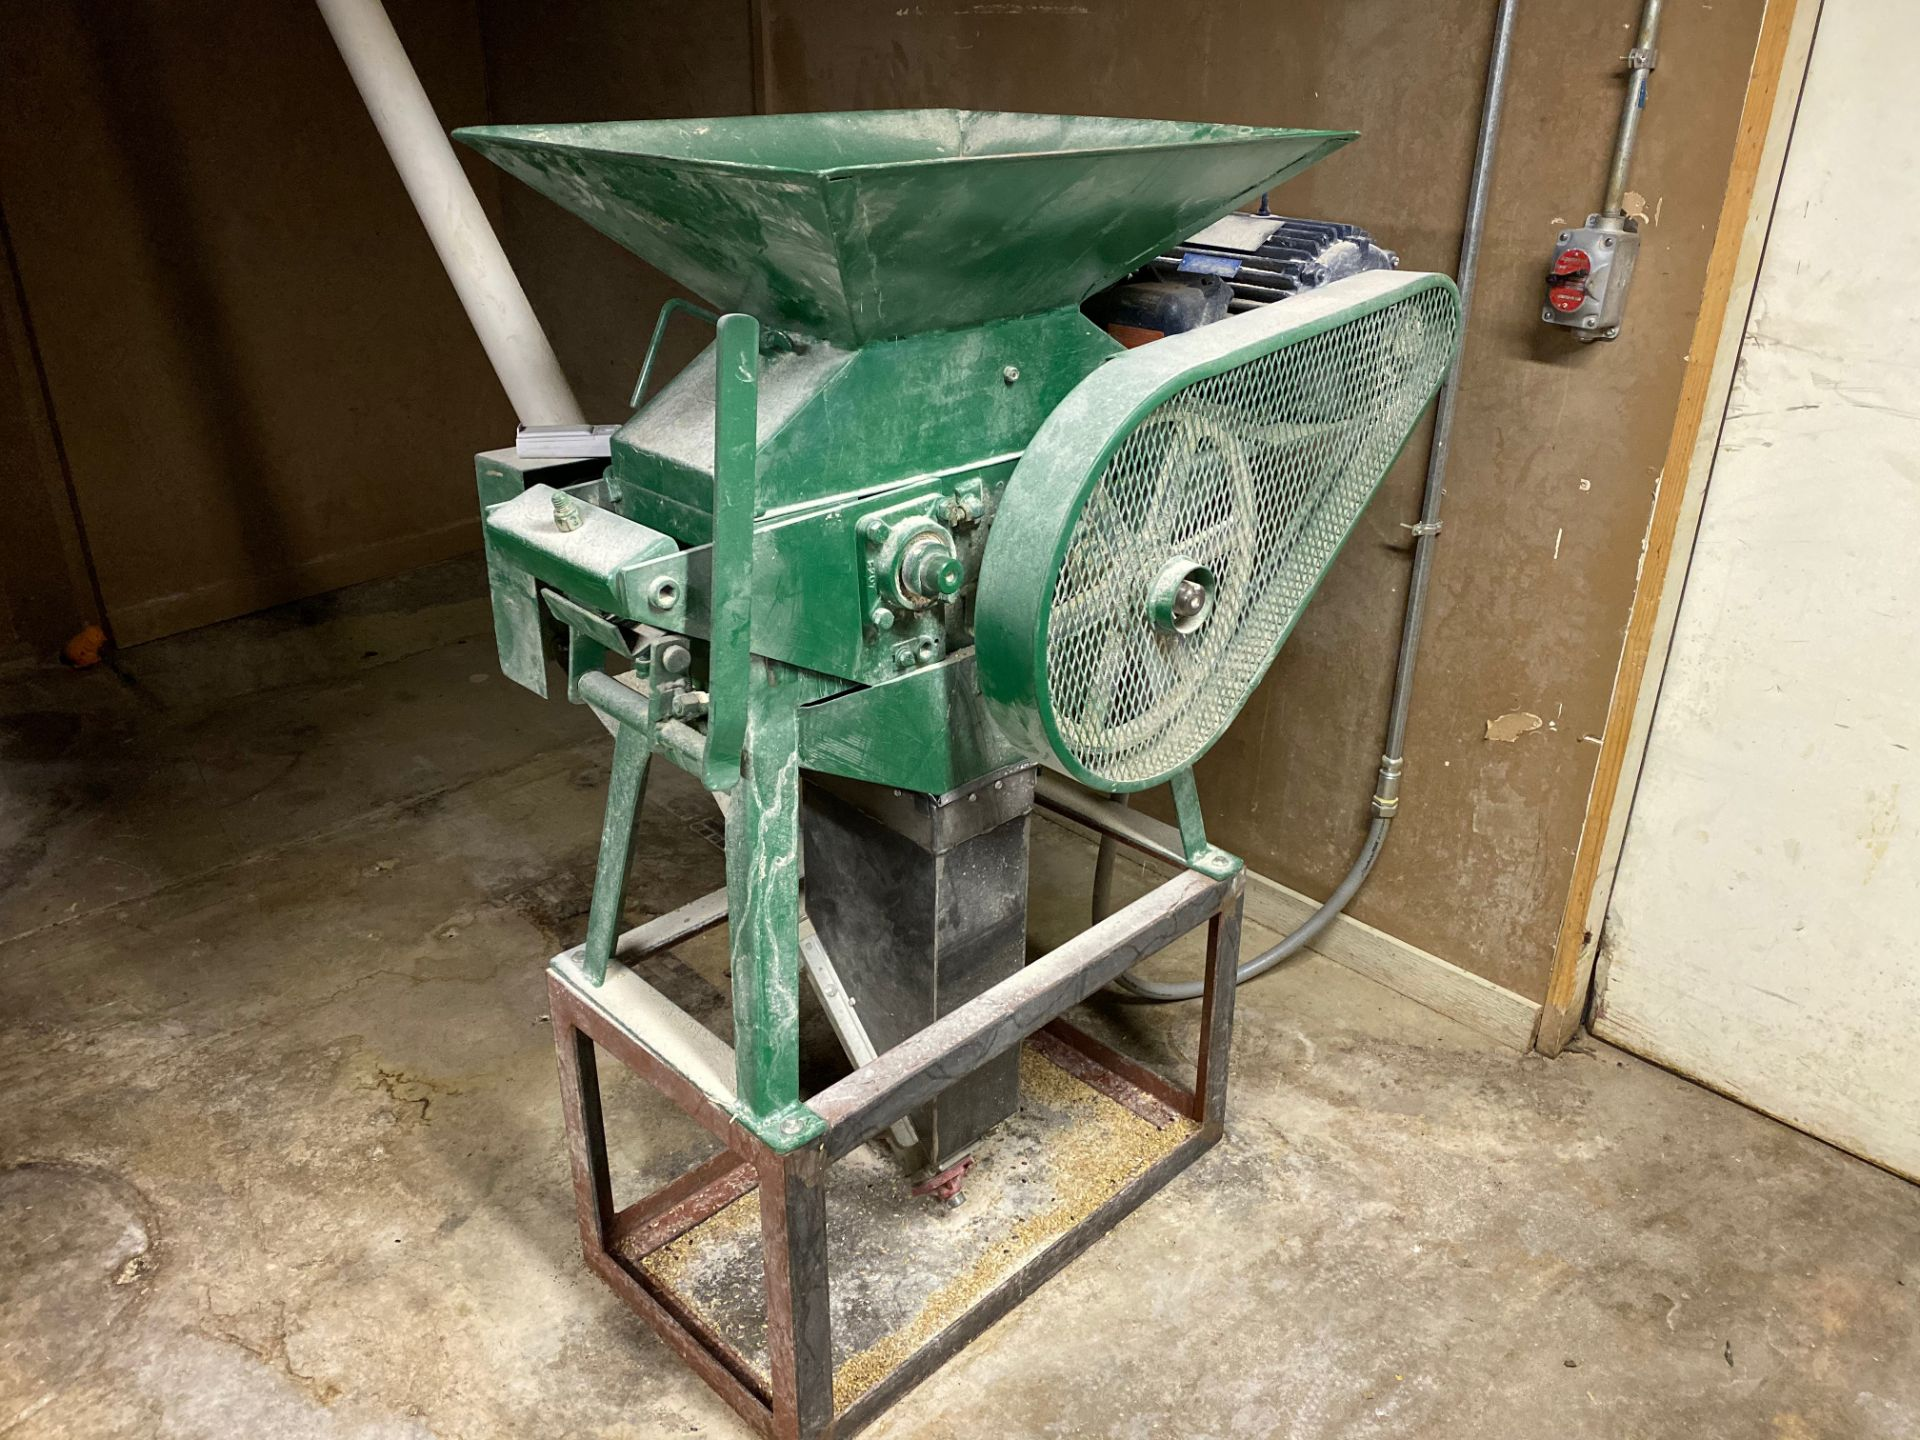 Lot 19 - Grain Mill, 5 HP, Belt Driven | Sub to Bulk | Rig Fee: $75